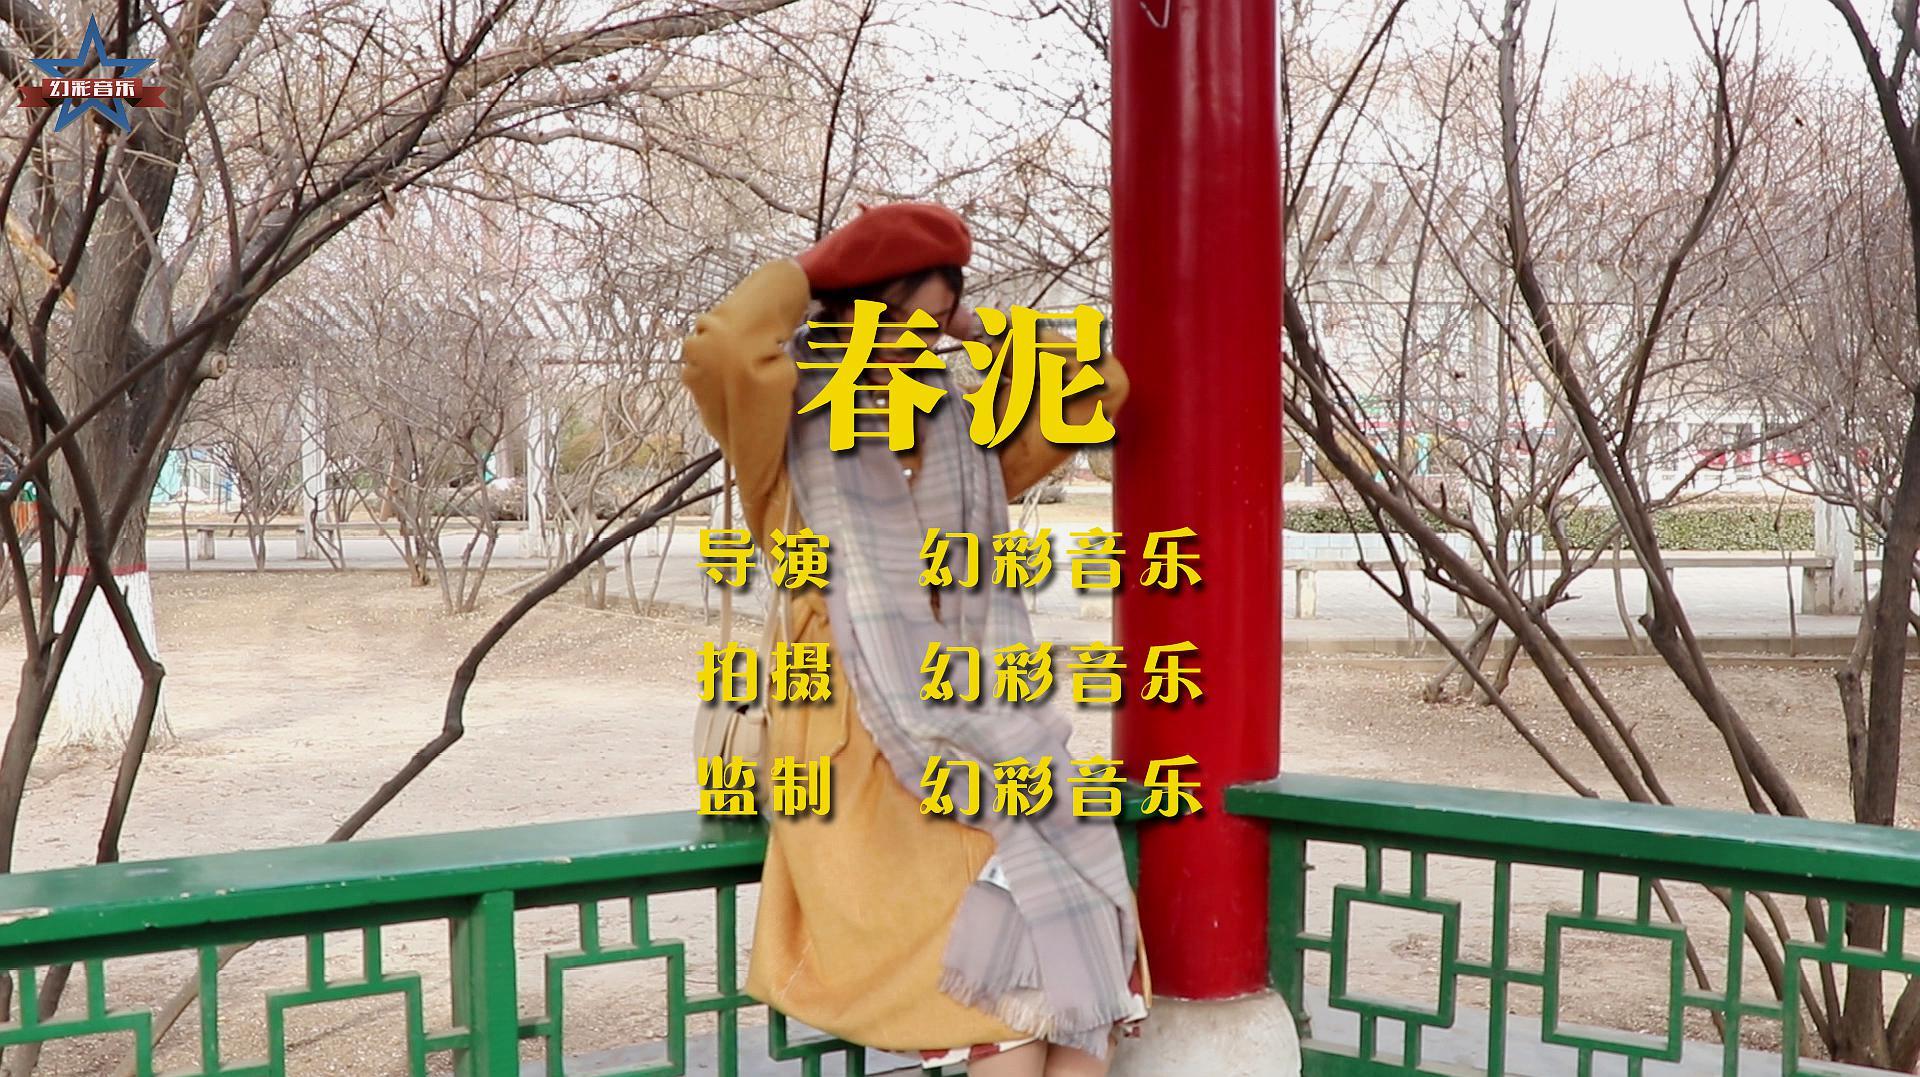 庾澄庆另一首经典音乐《春泥》,李晨唯一熟悉的歌曲,经典